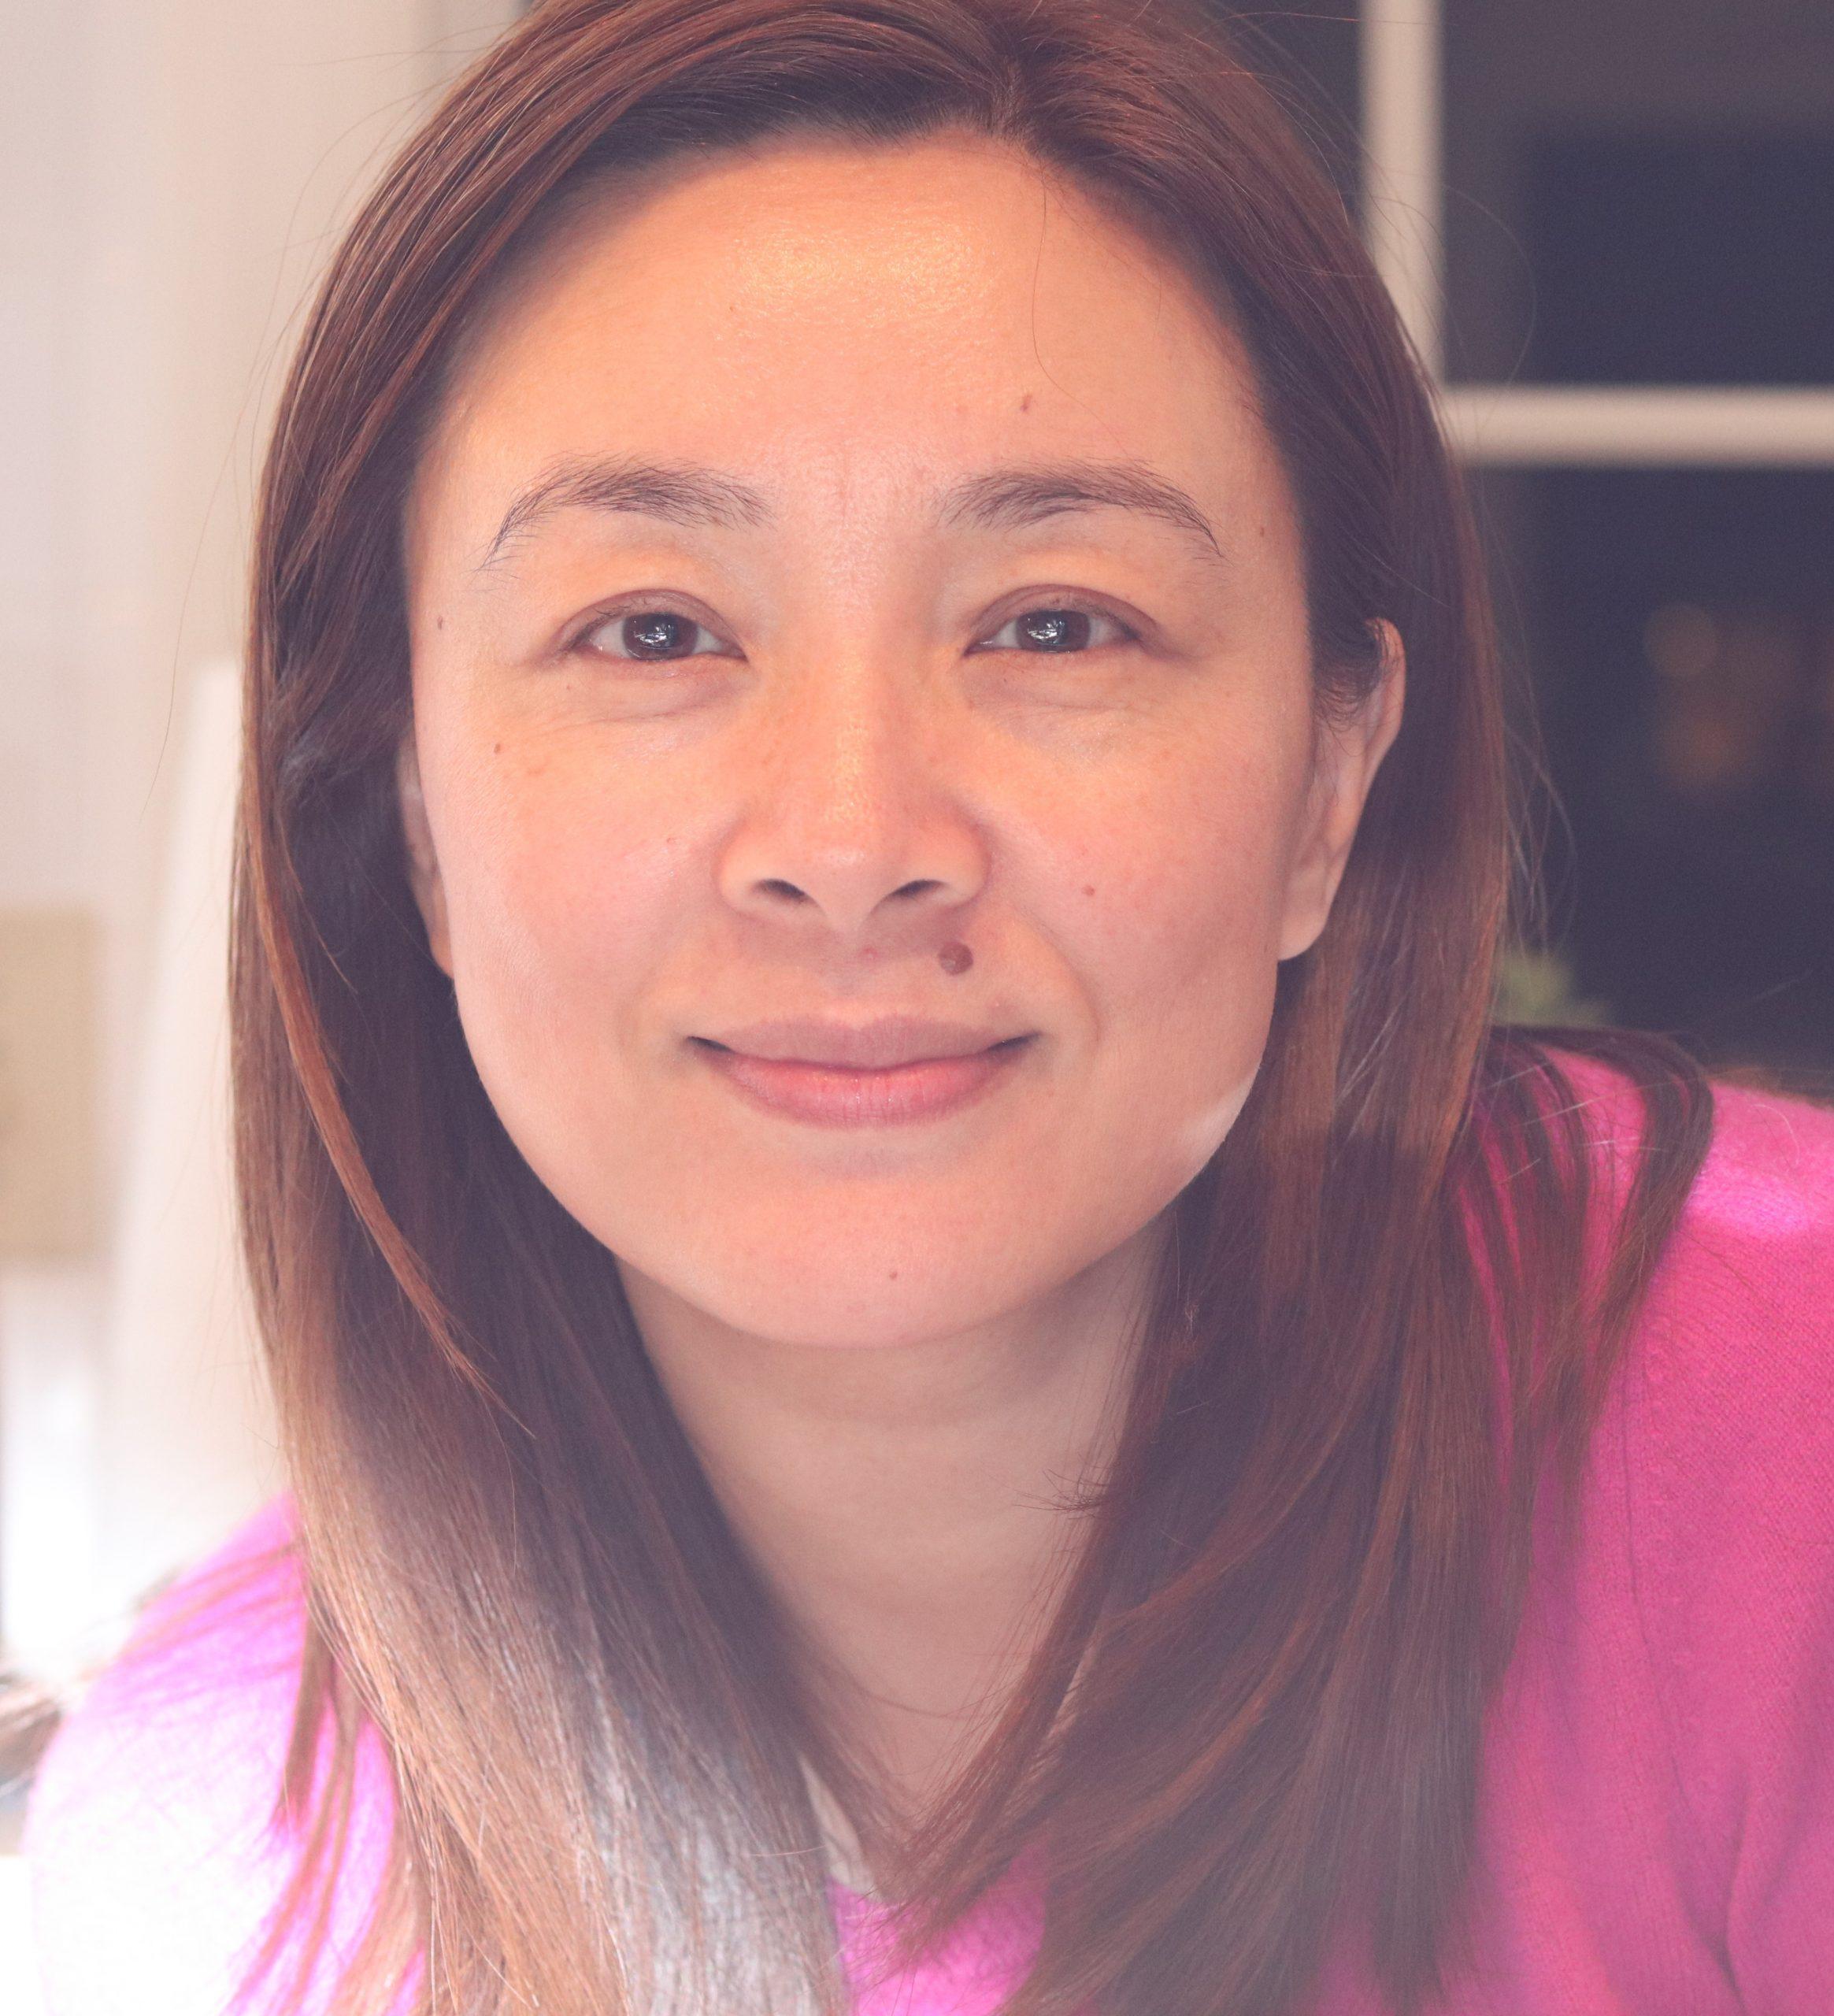 Ying Shen